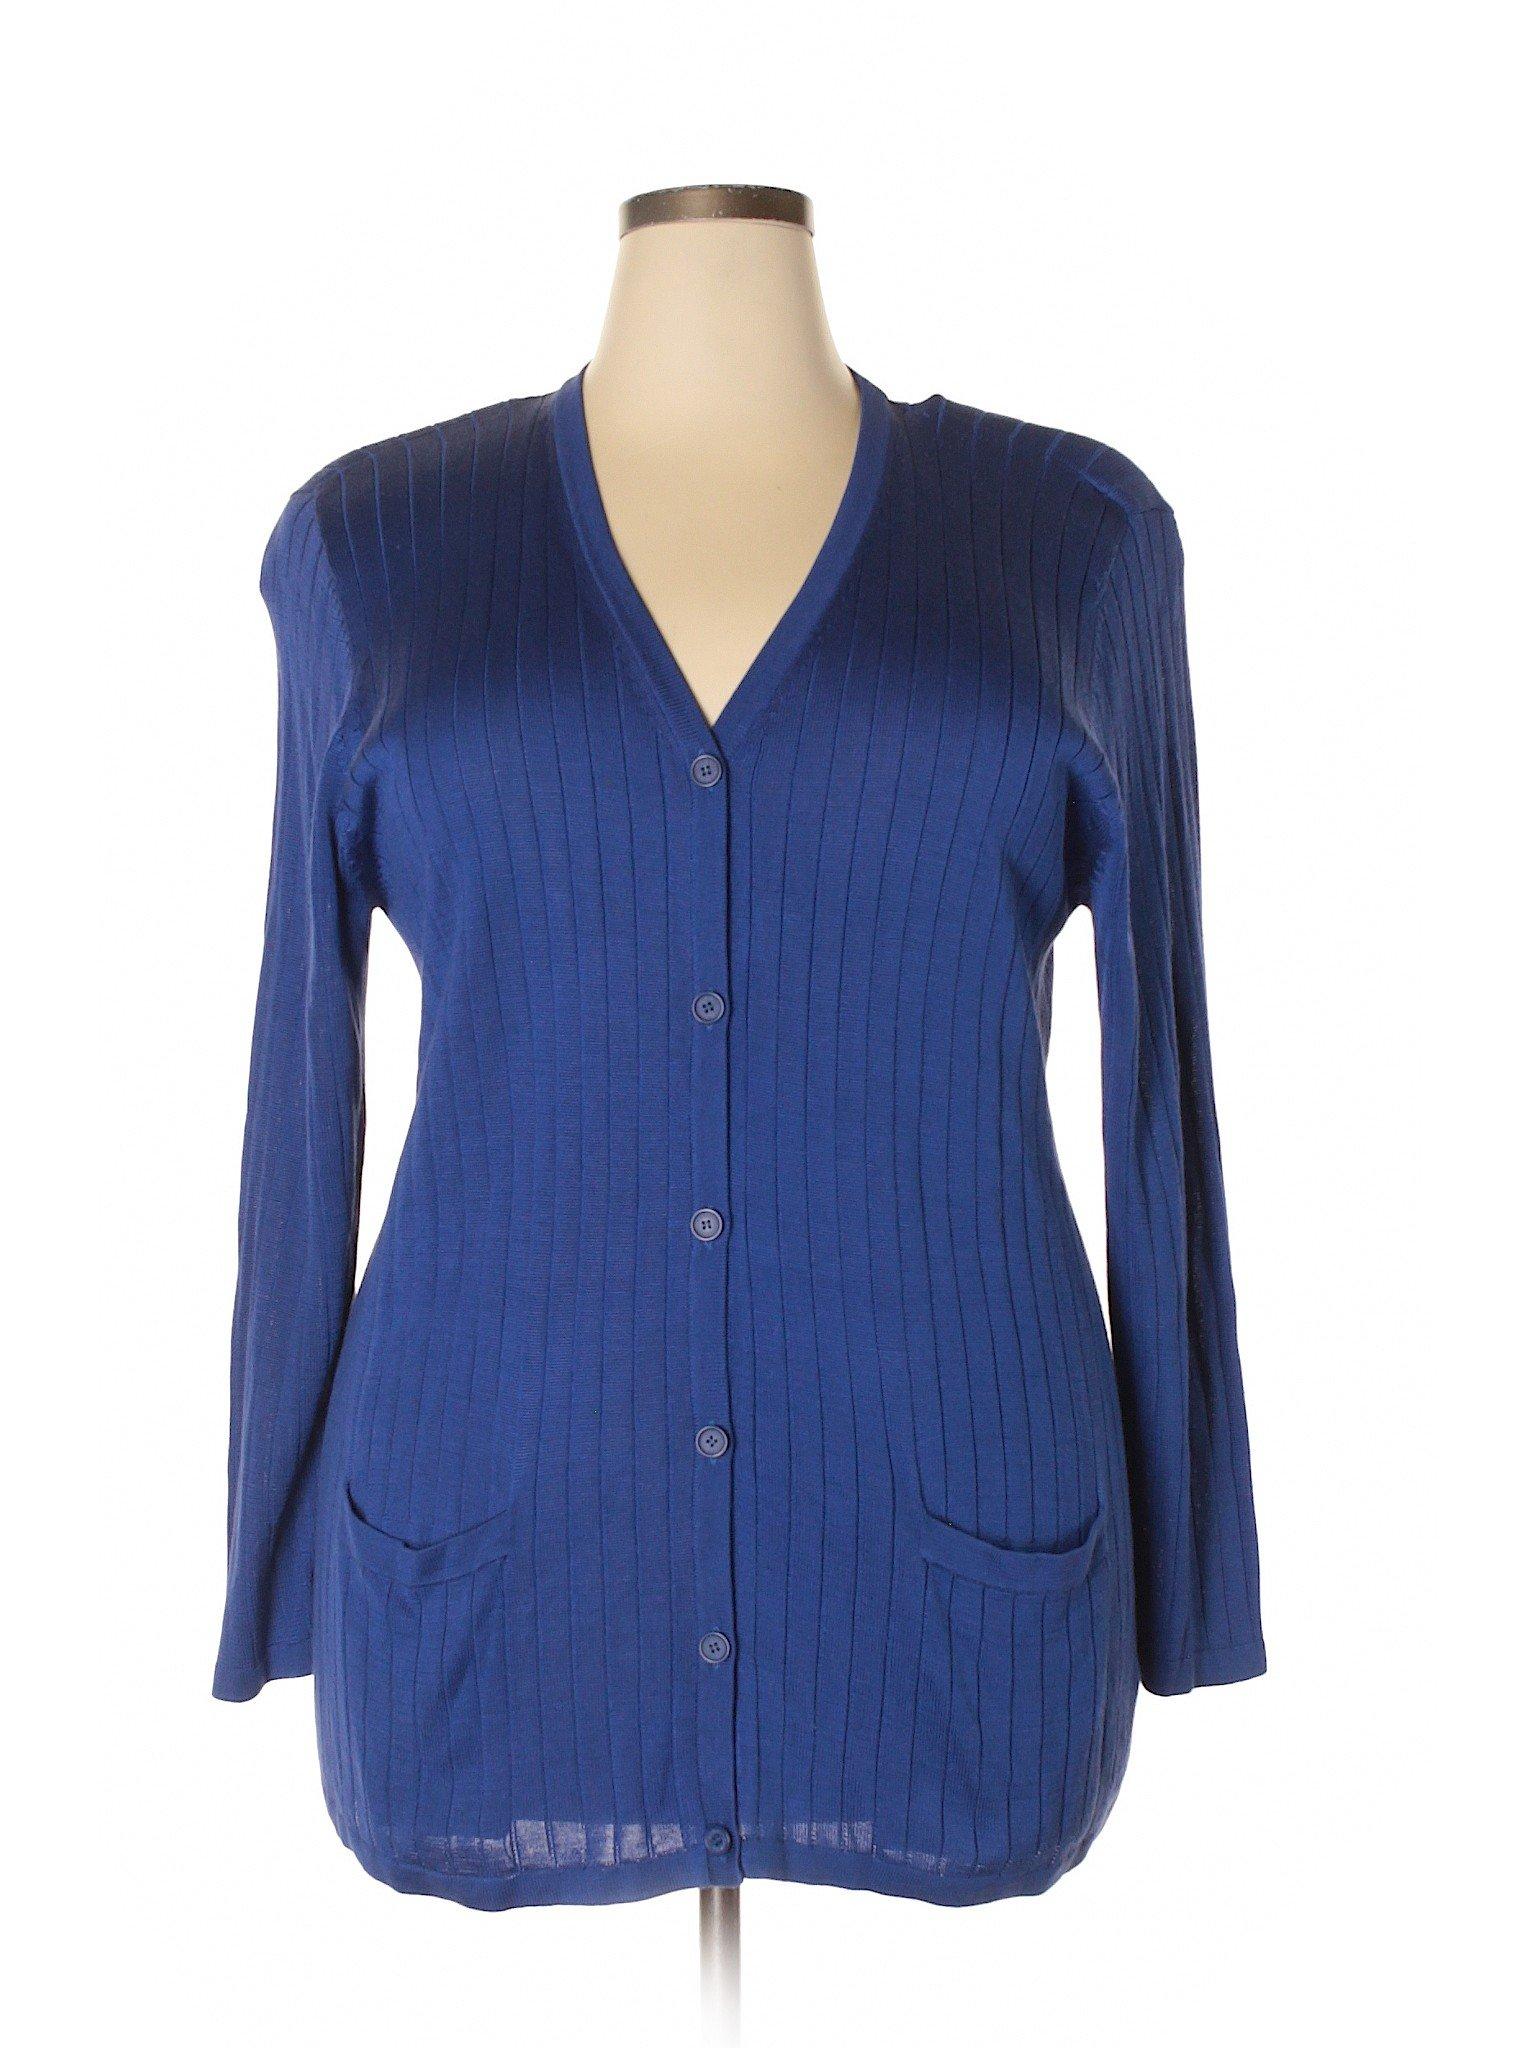 Rena Boutique Boutique Rowan Rena Silk Cardigan f7gp4wq